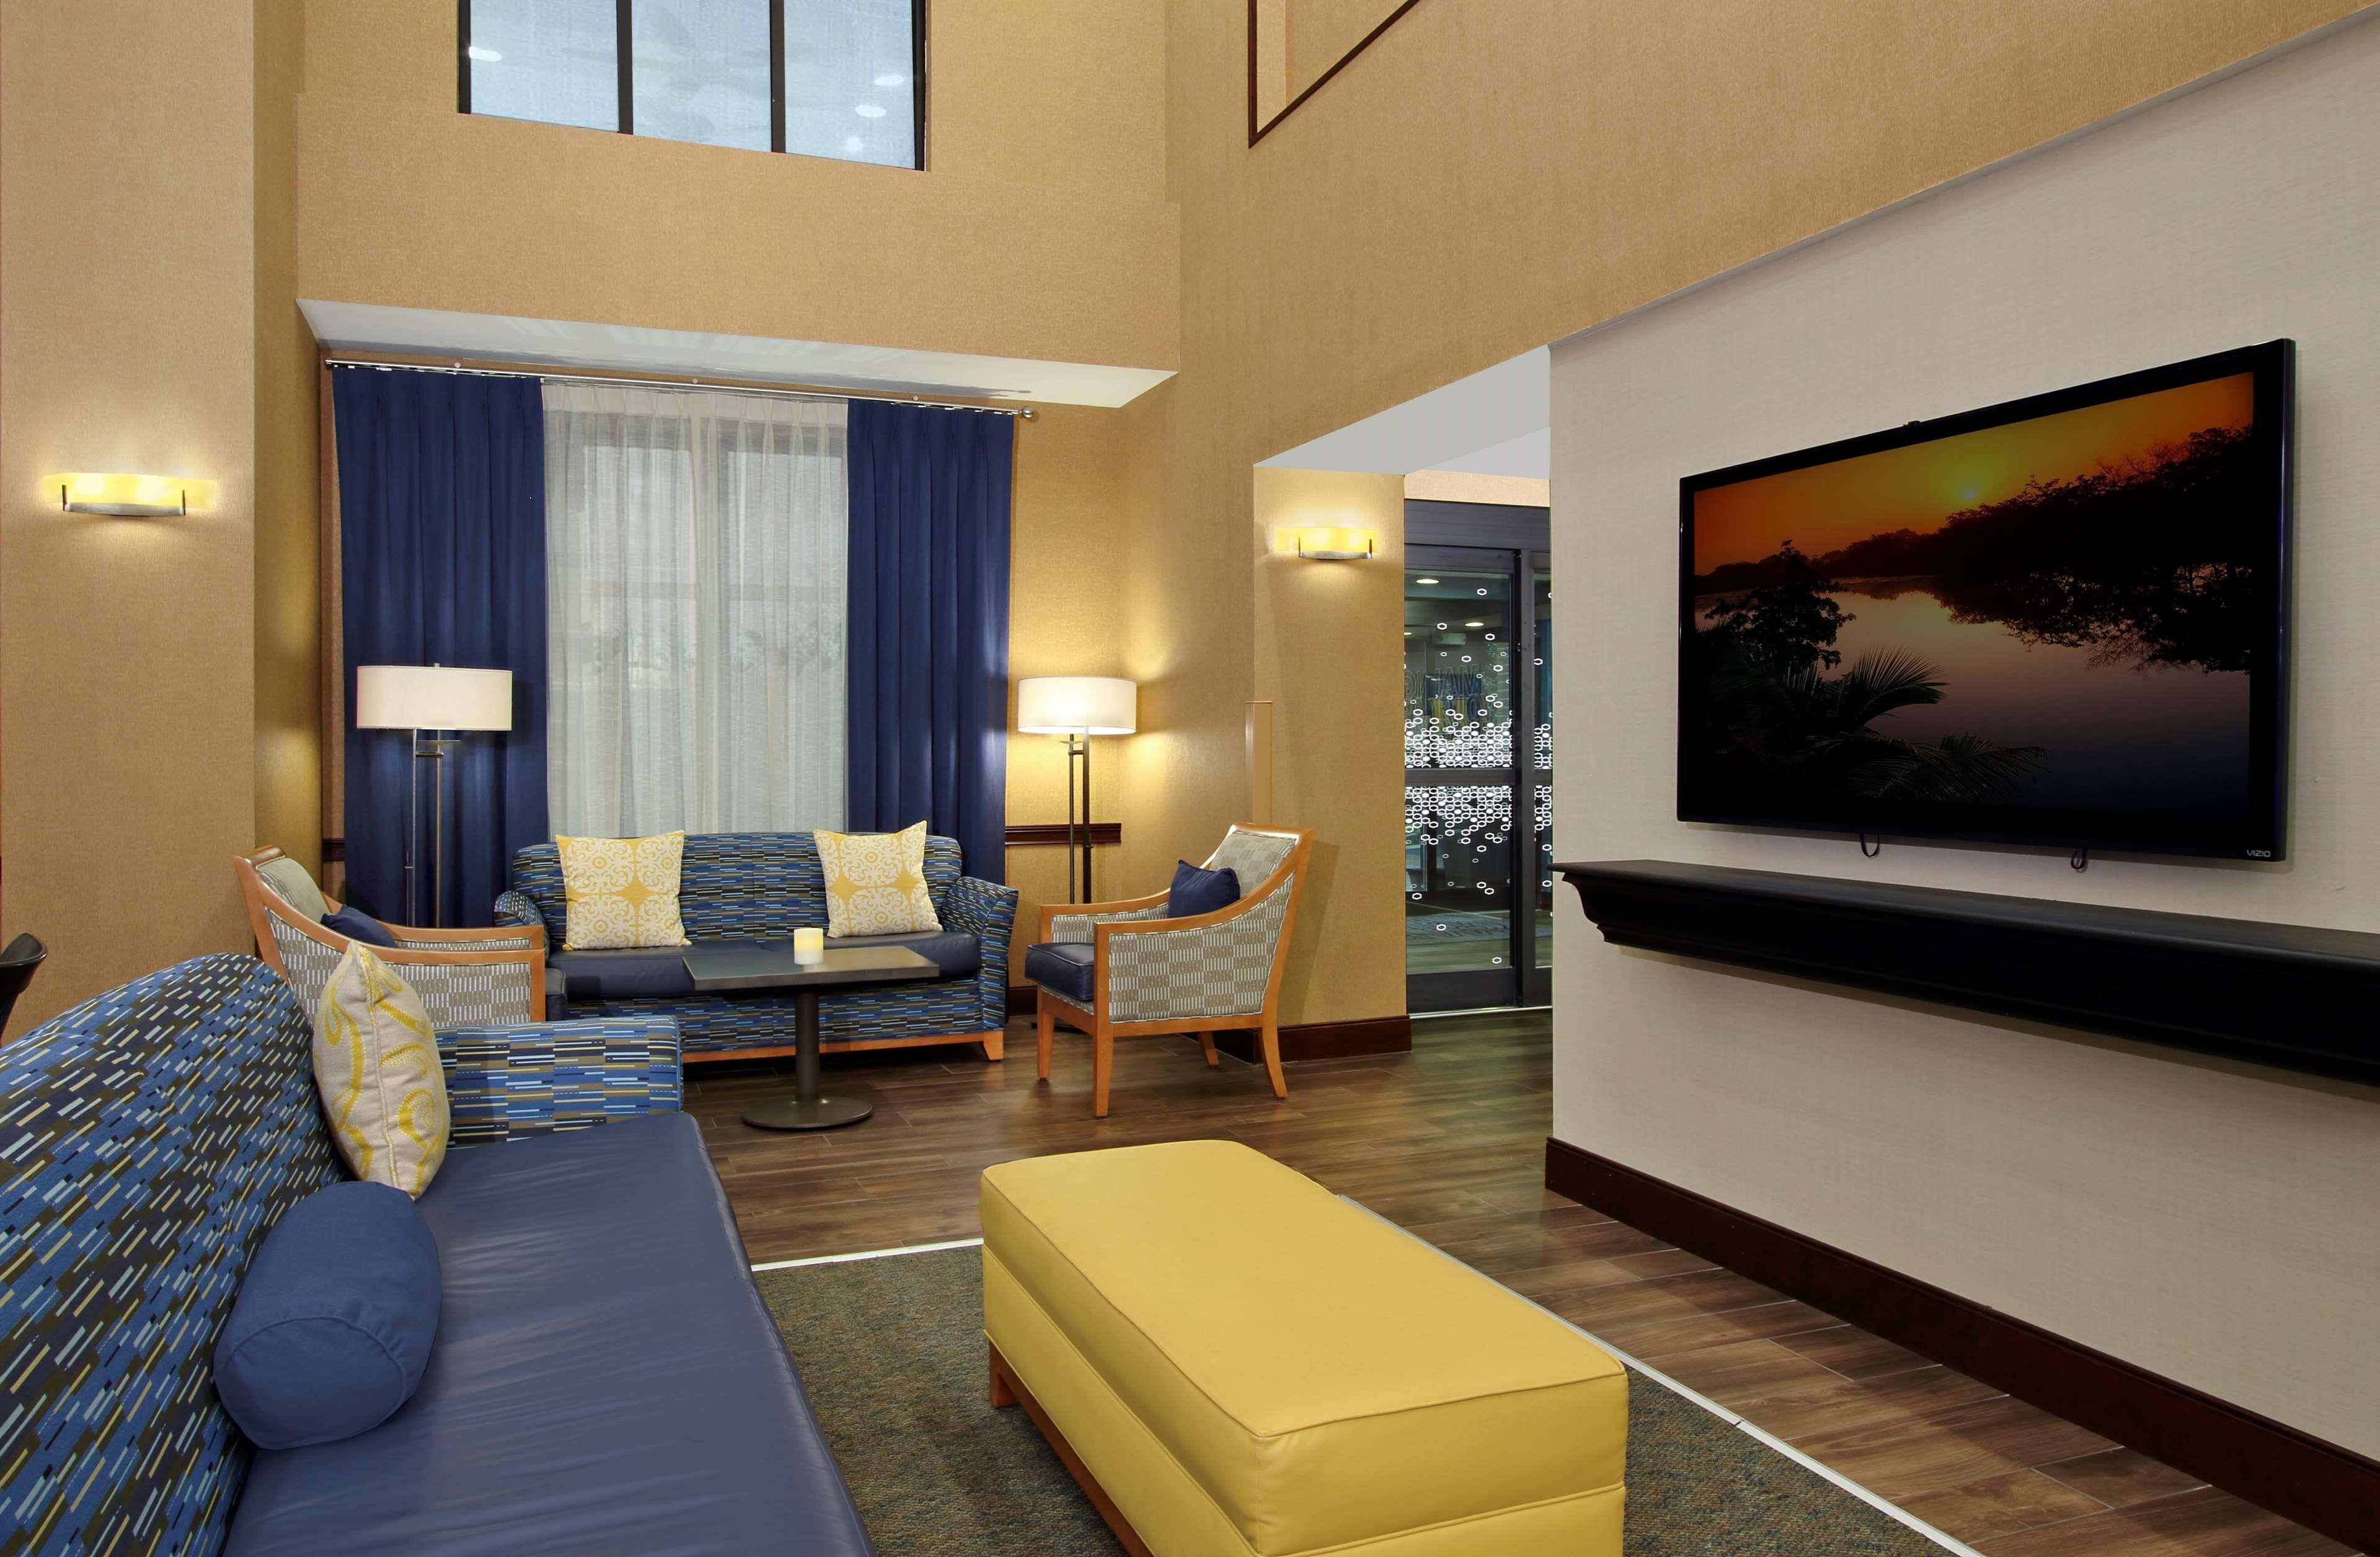 Hampton Inn & Suites Murray image 5